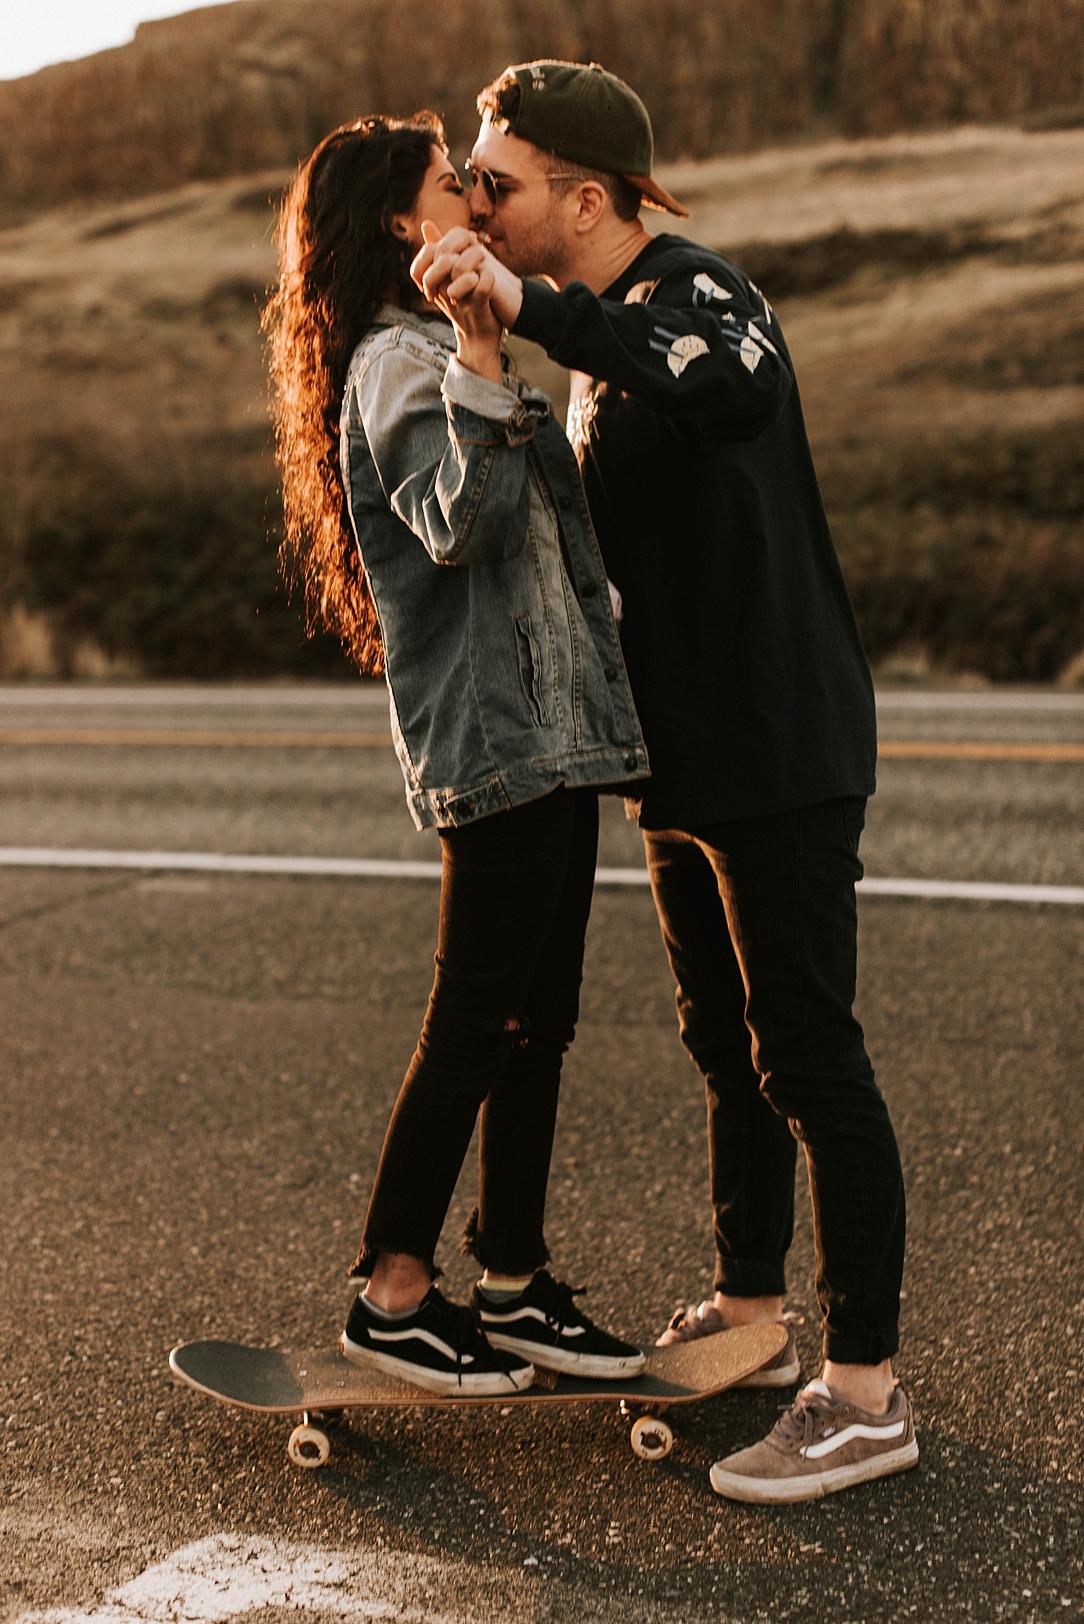 nbp-edgy-skater-couple_0006.jpg